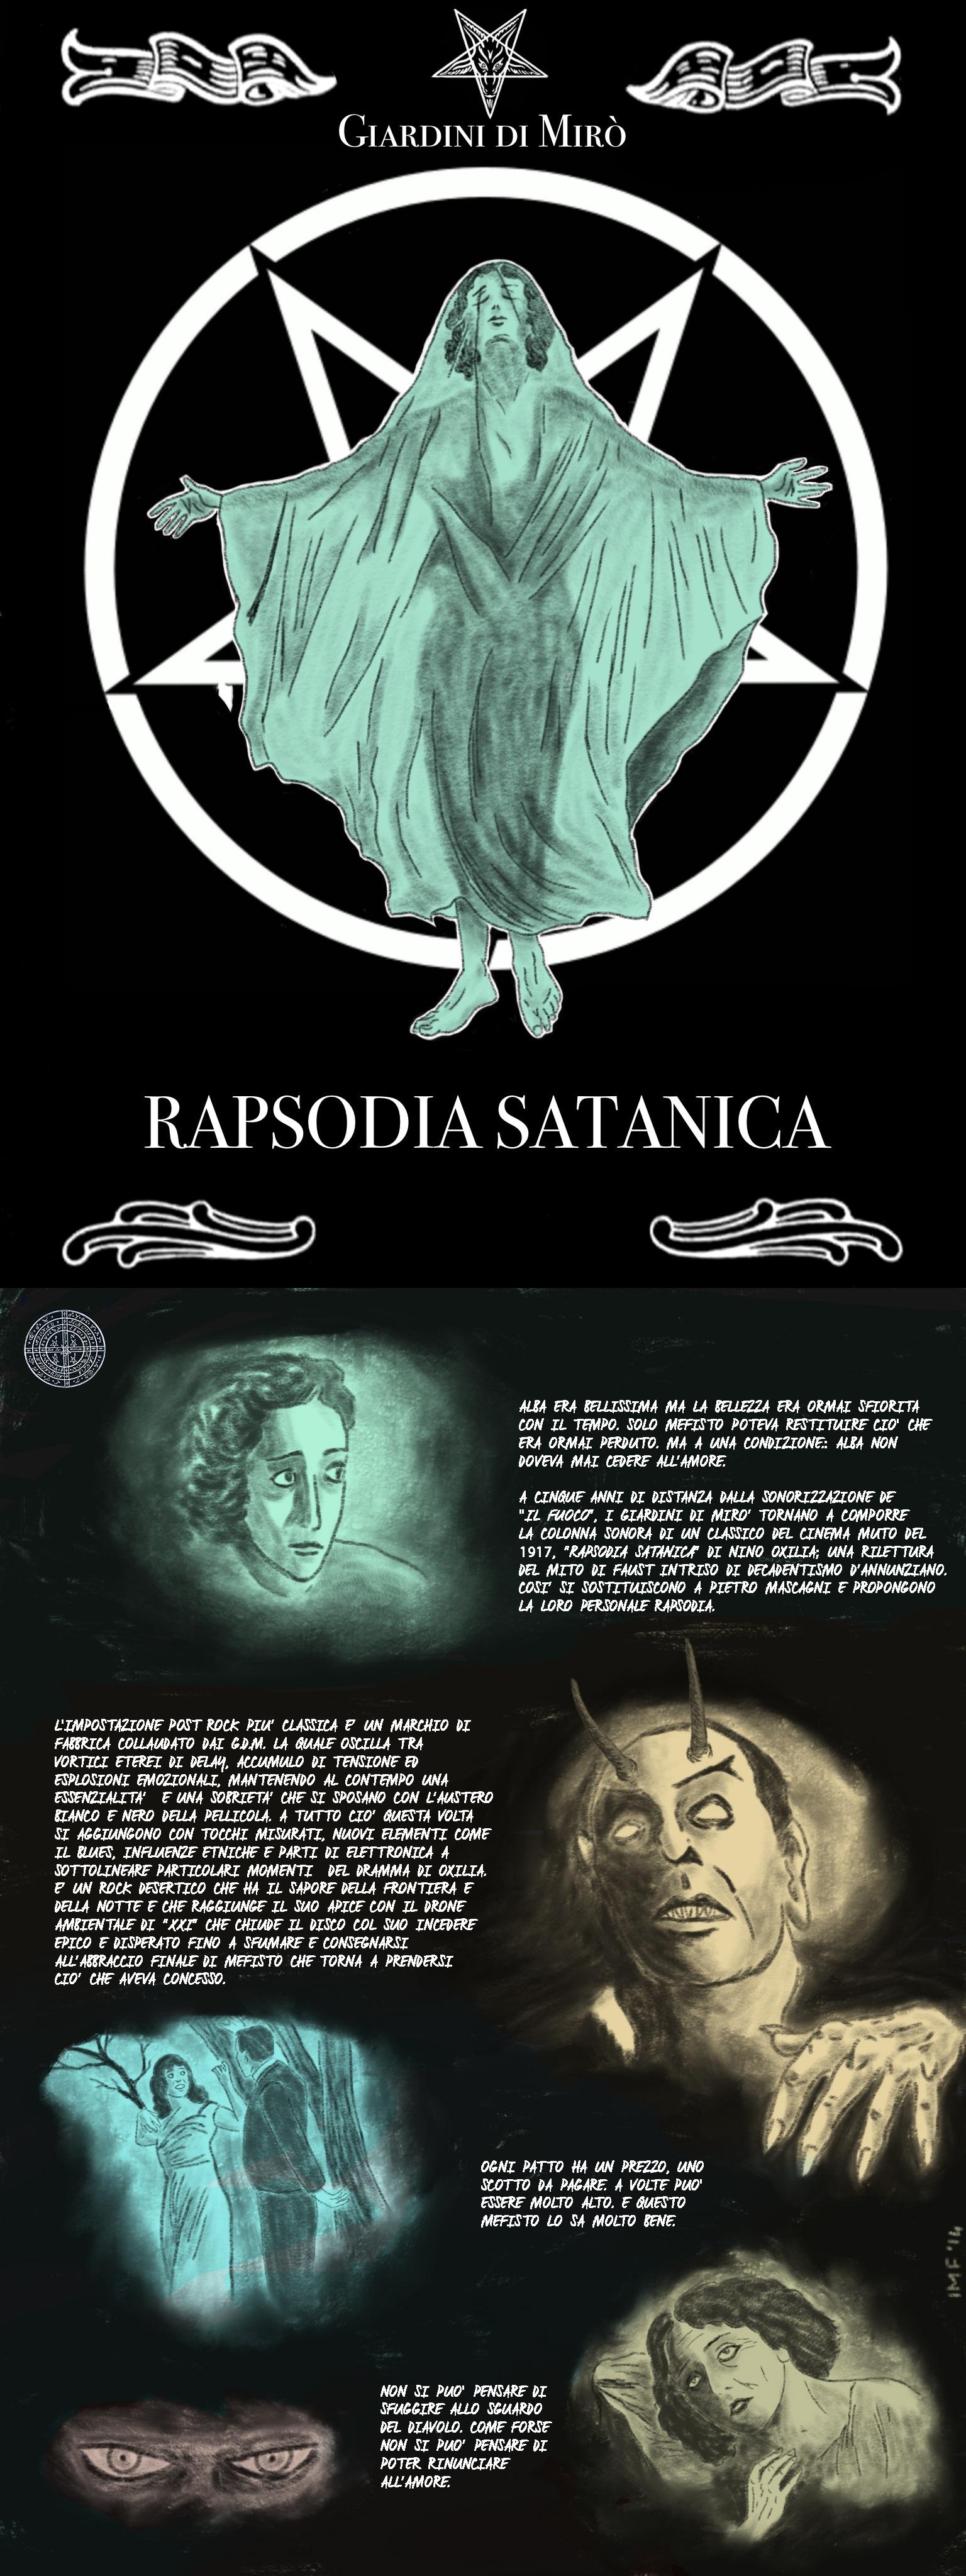 Giardini di Mirò - Rapsodia Satanica